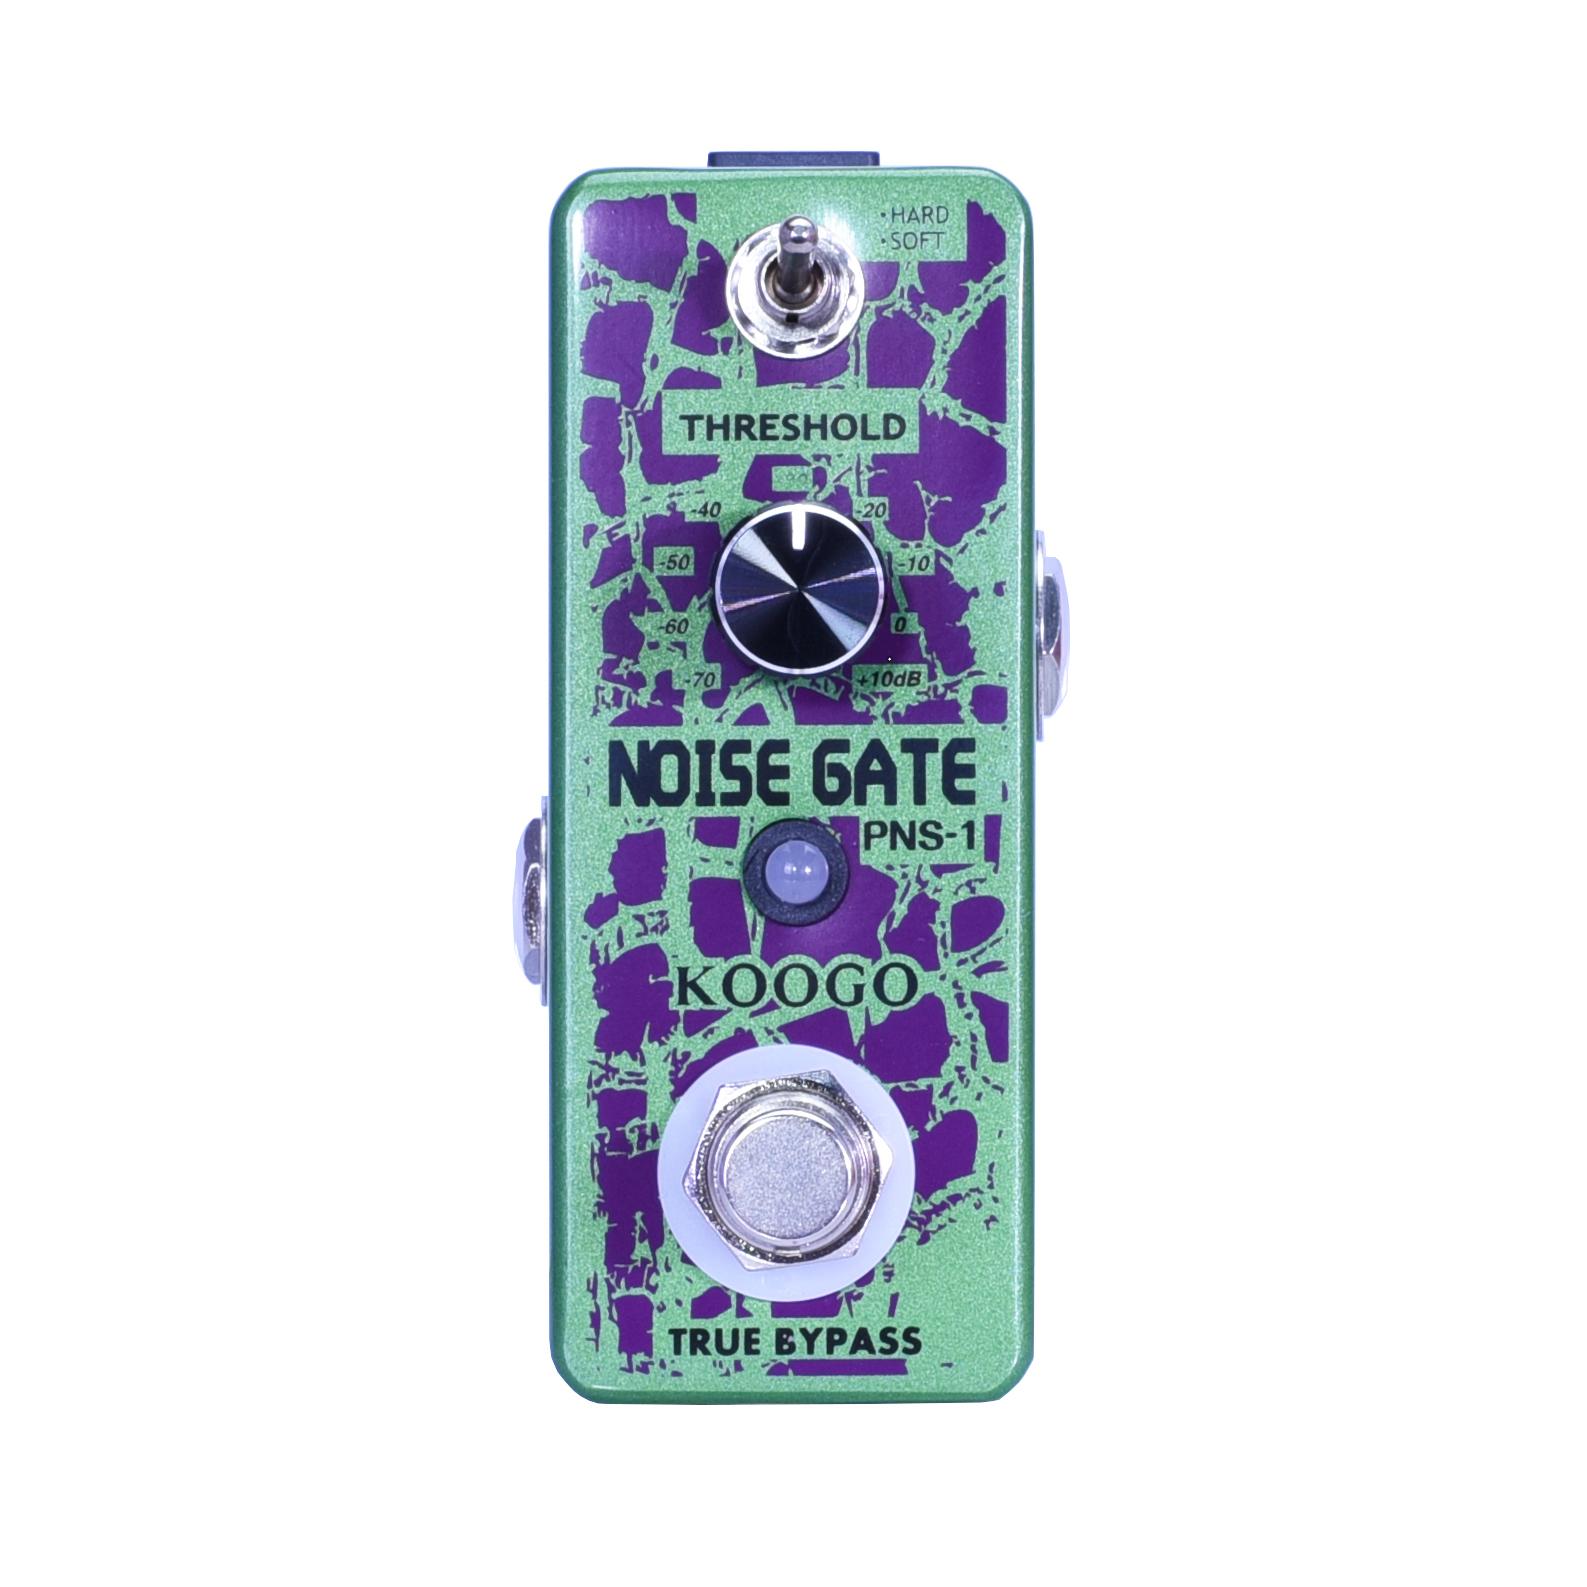 koogo mini noise gate suppressor effect pedal guitar noise killer other. Black Bedroom Furniture Sets. Home Design Ideas